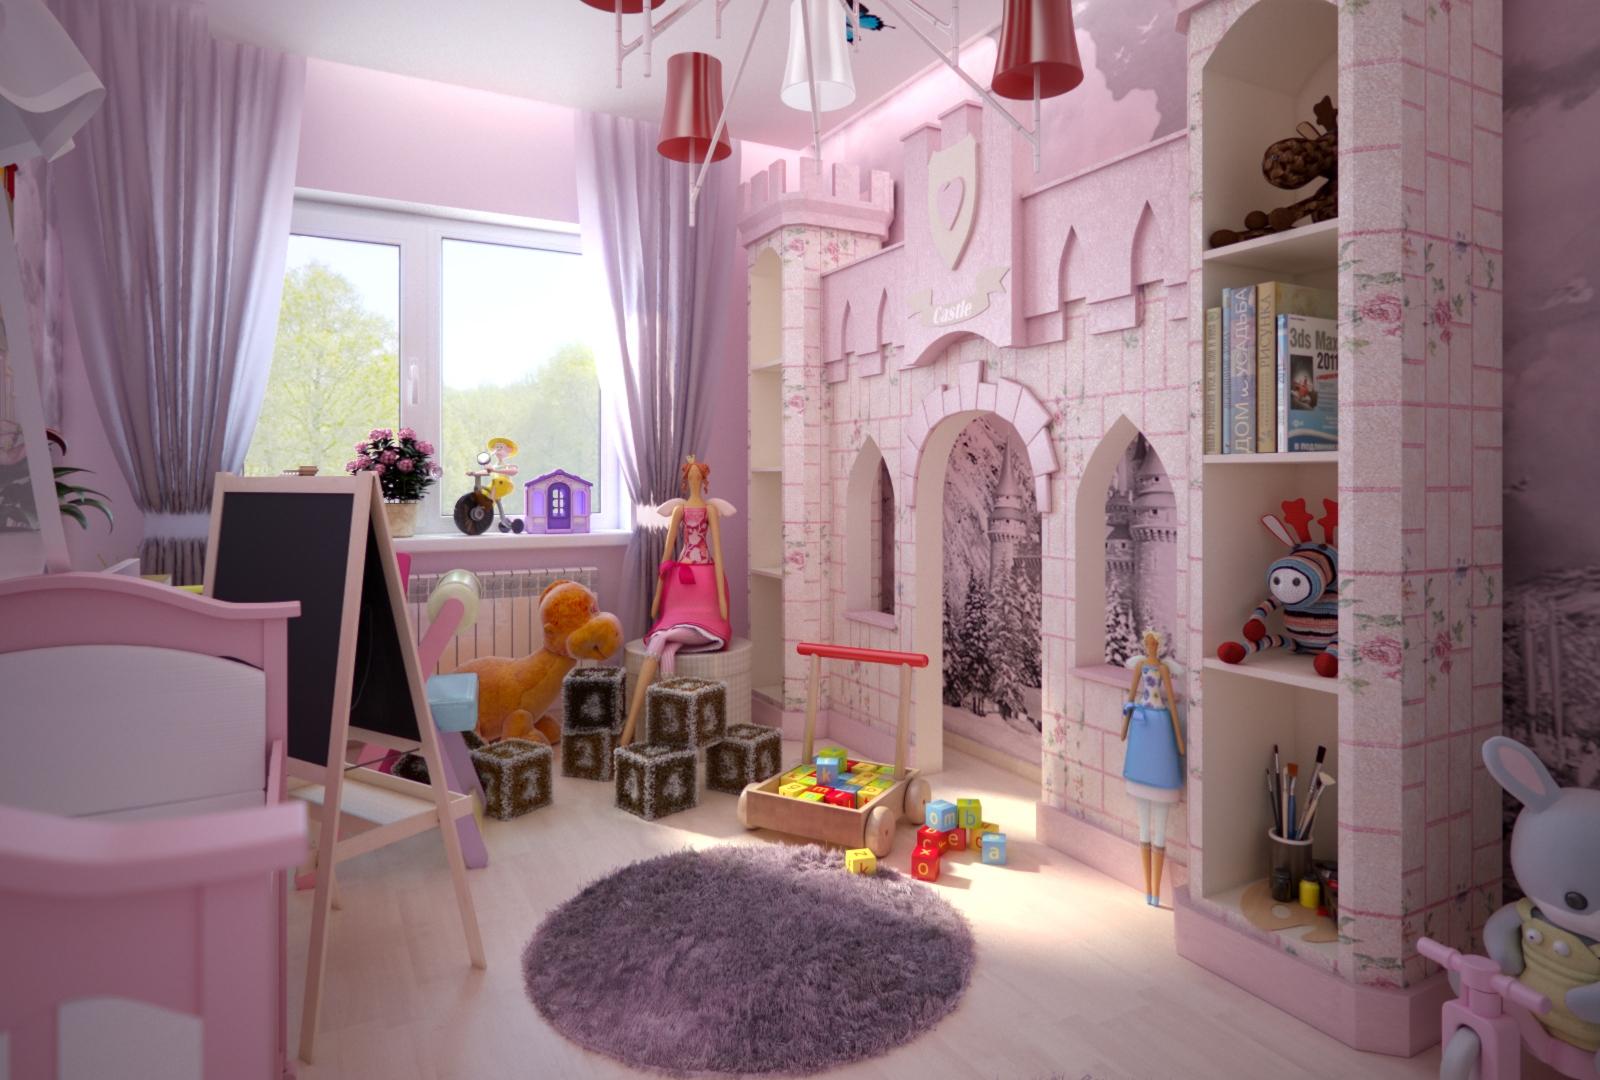 Дизайн интерьера детской комнаты для девочек с замком